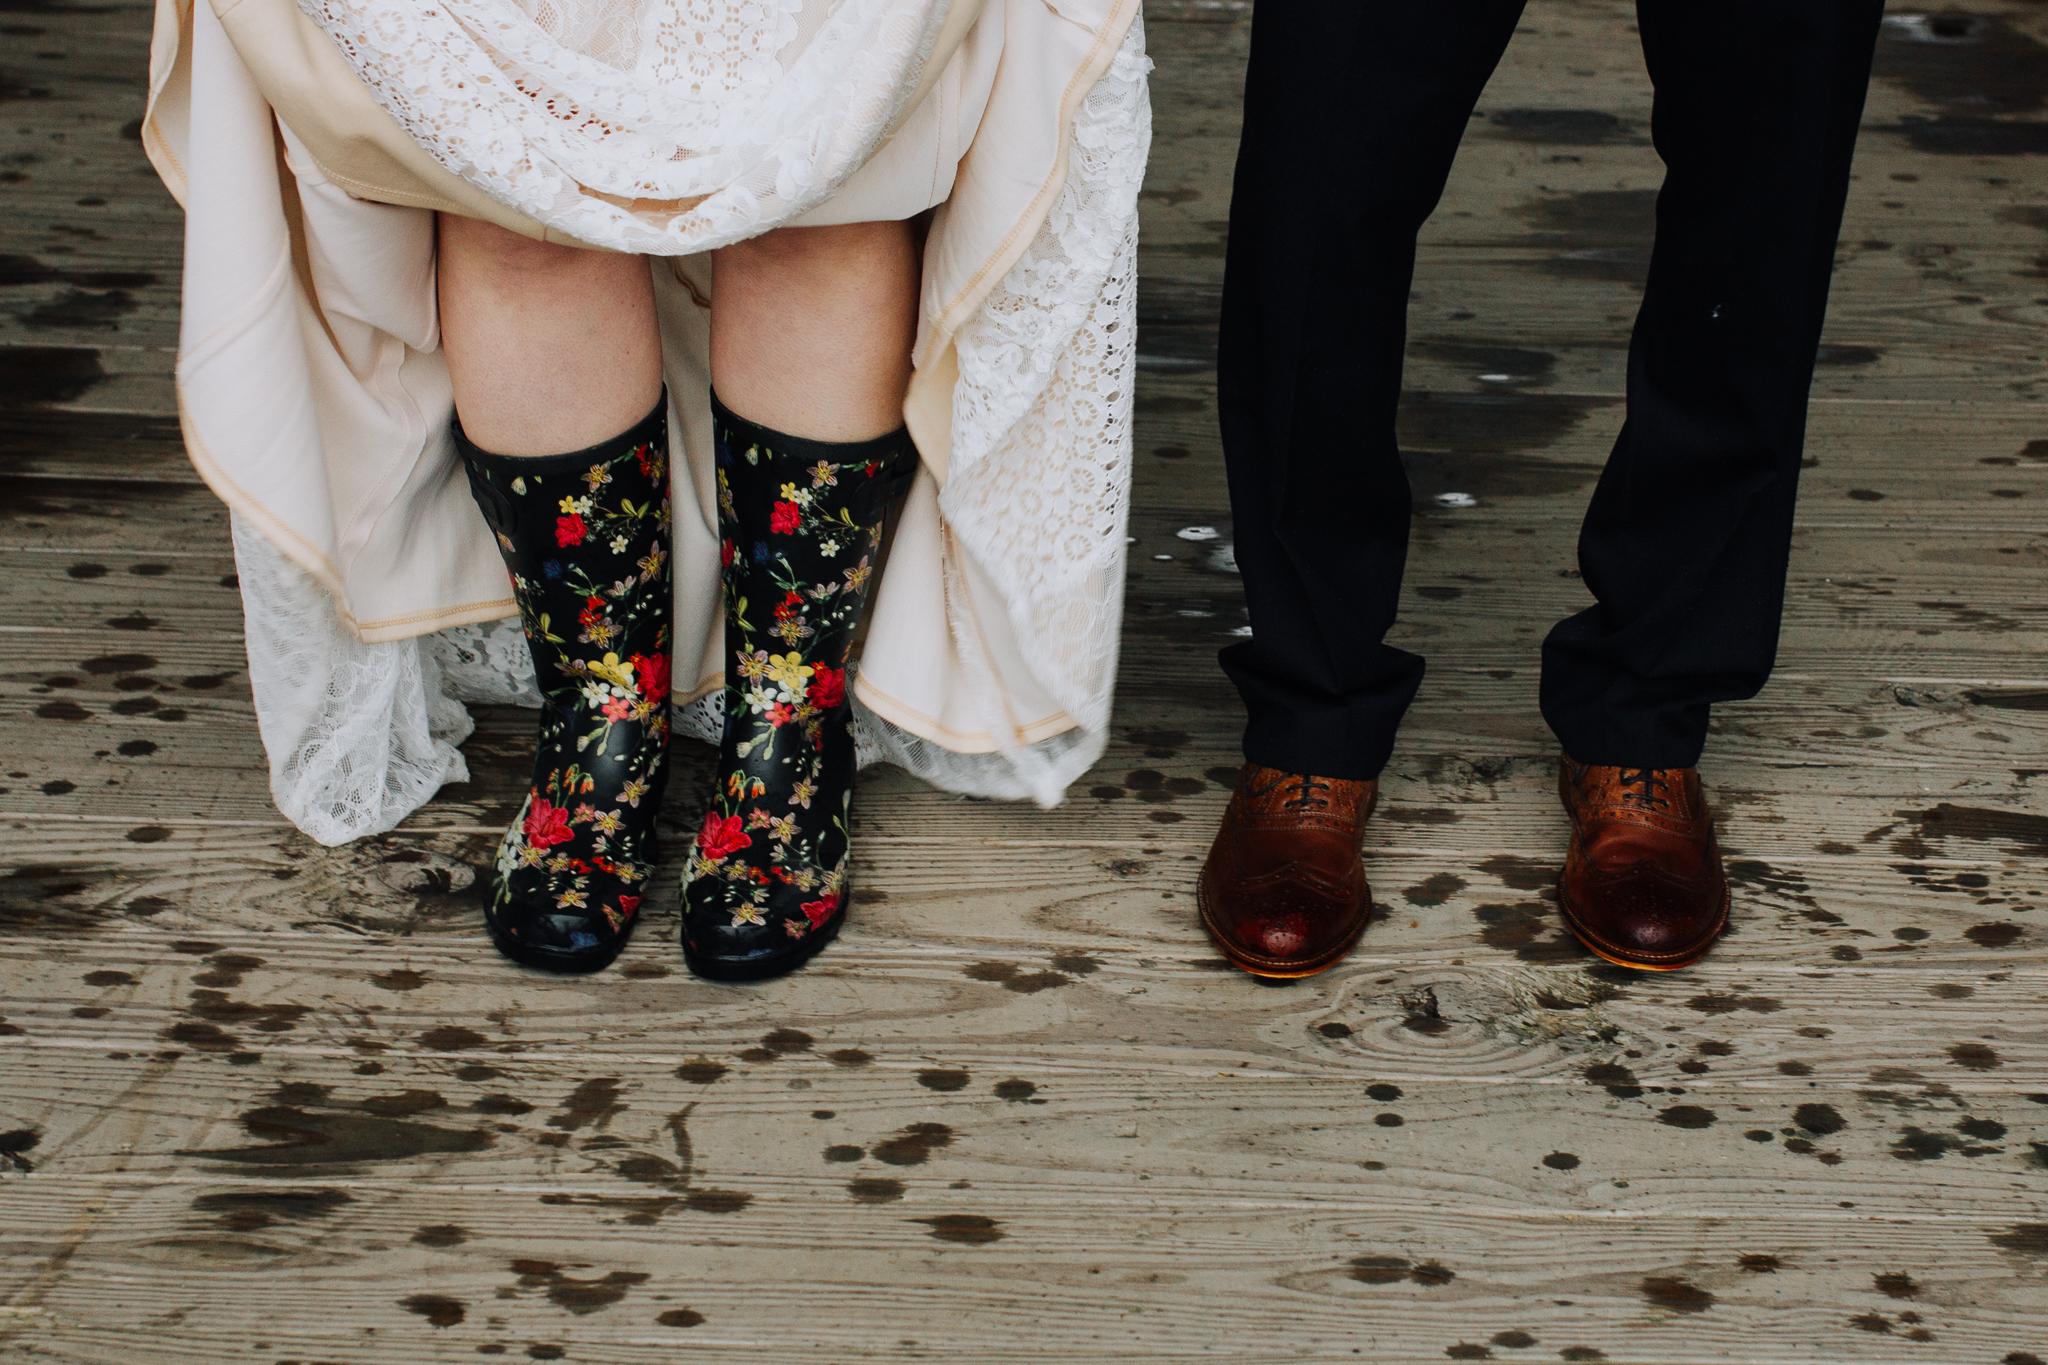 columbia-sc-wedding-photographer-winter-senates-end-downtown-32